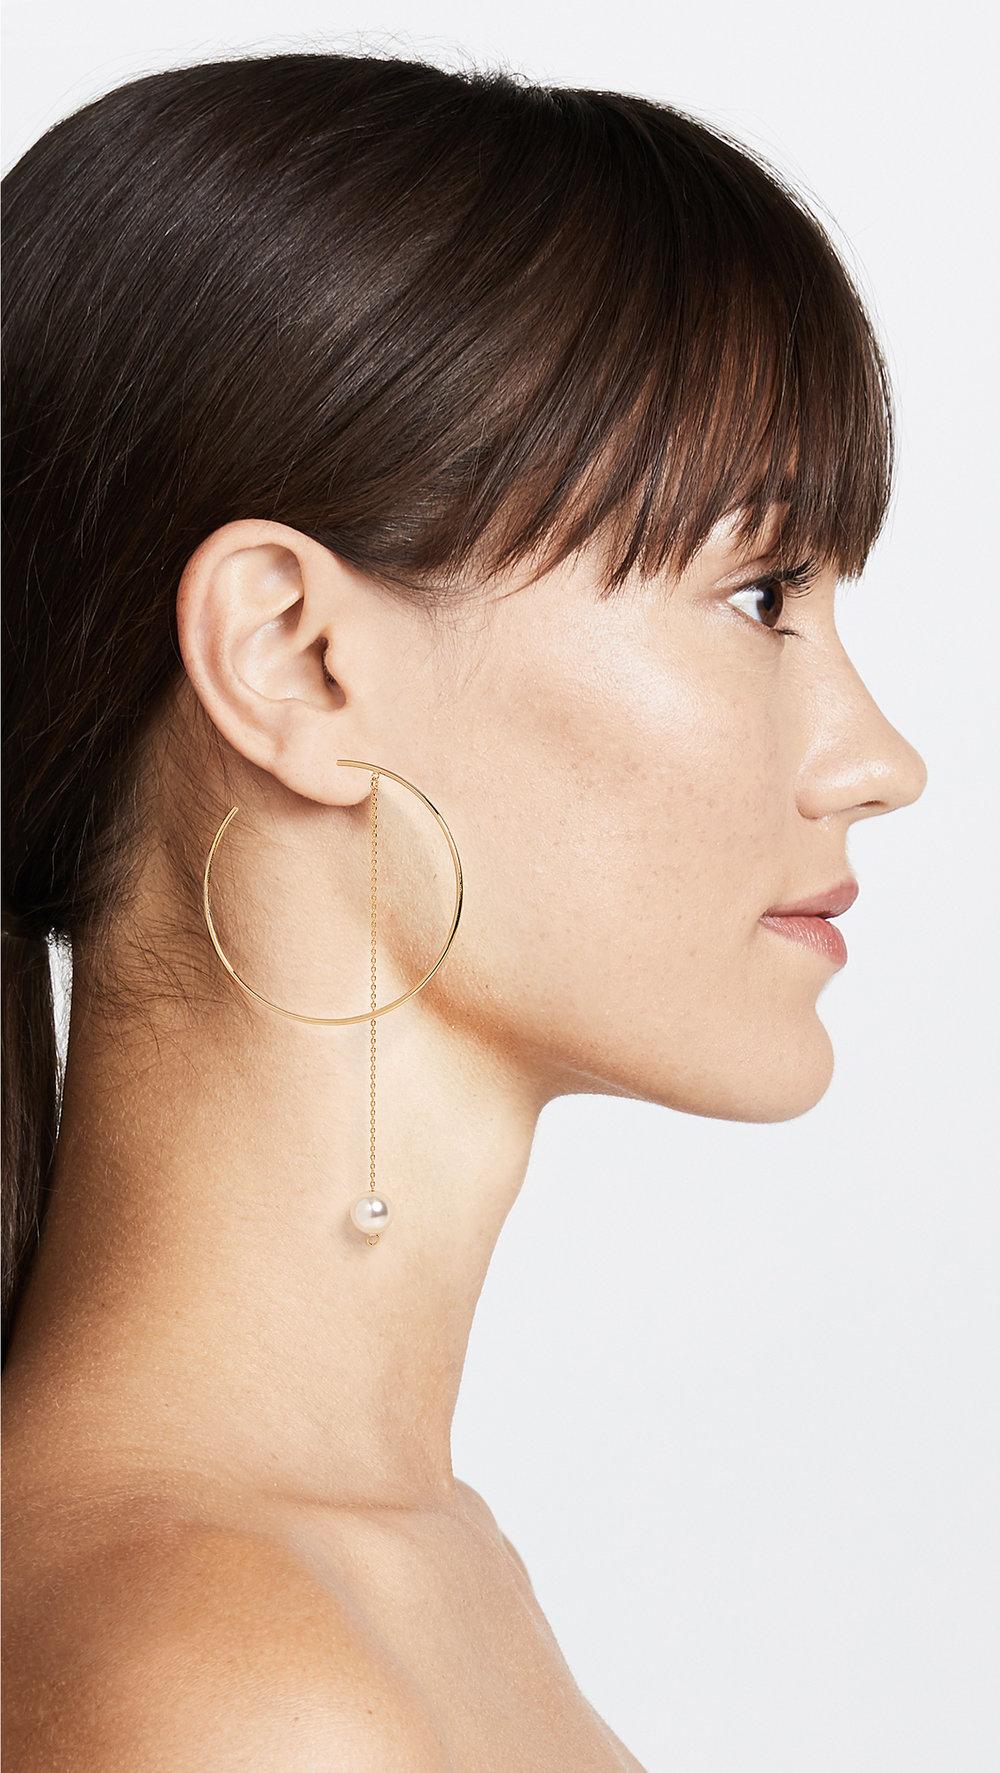 CloverpostTwirl Hoop Earrings - Was: $110.00Now: $77.00